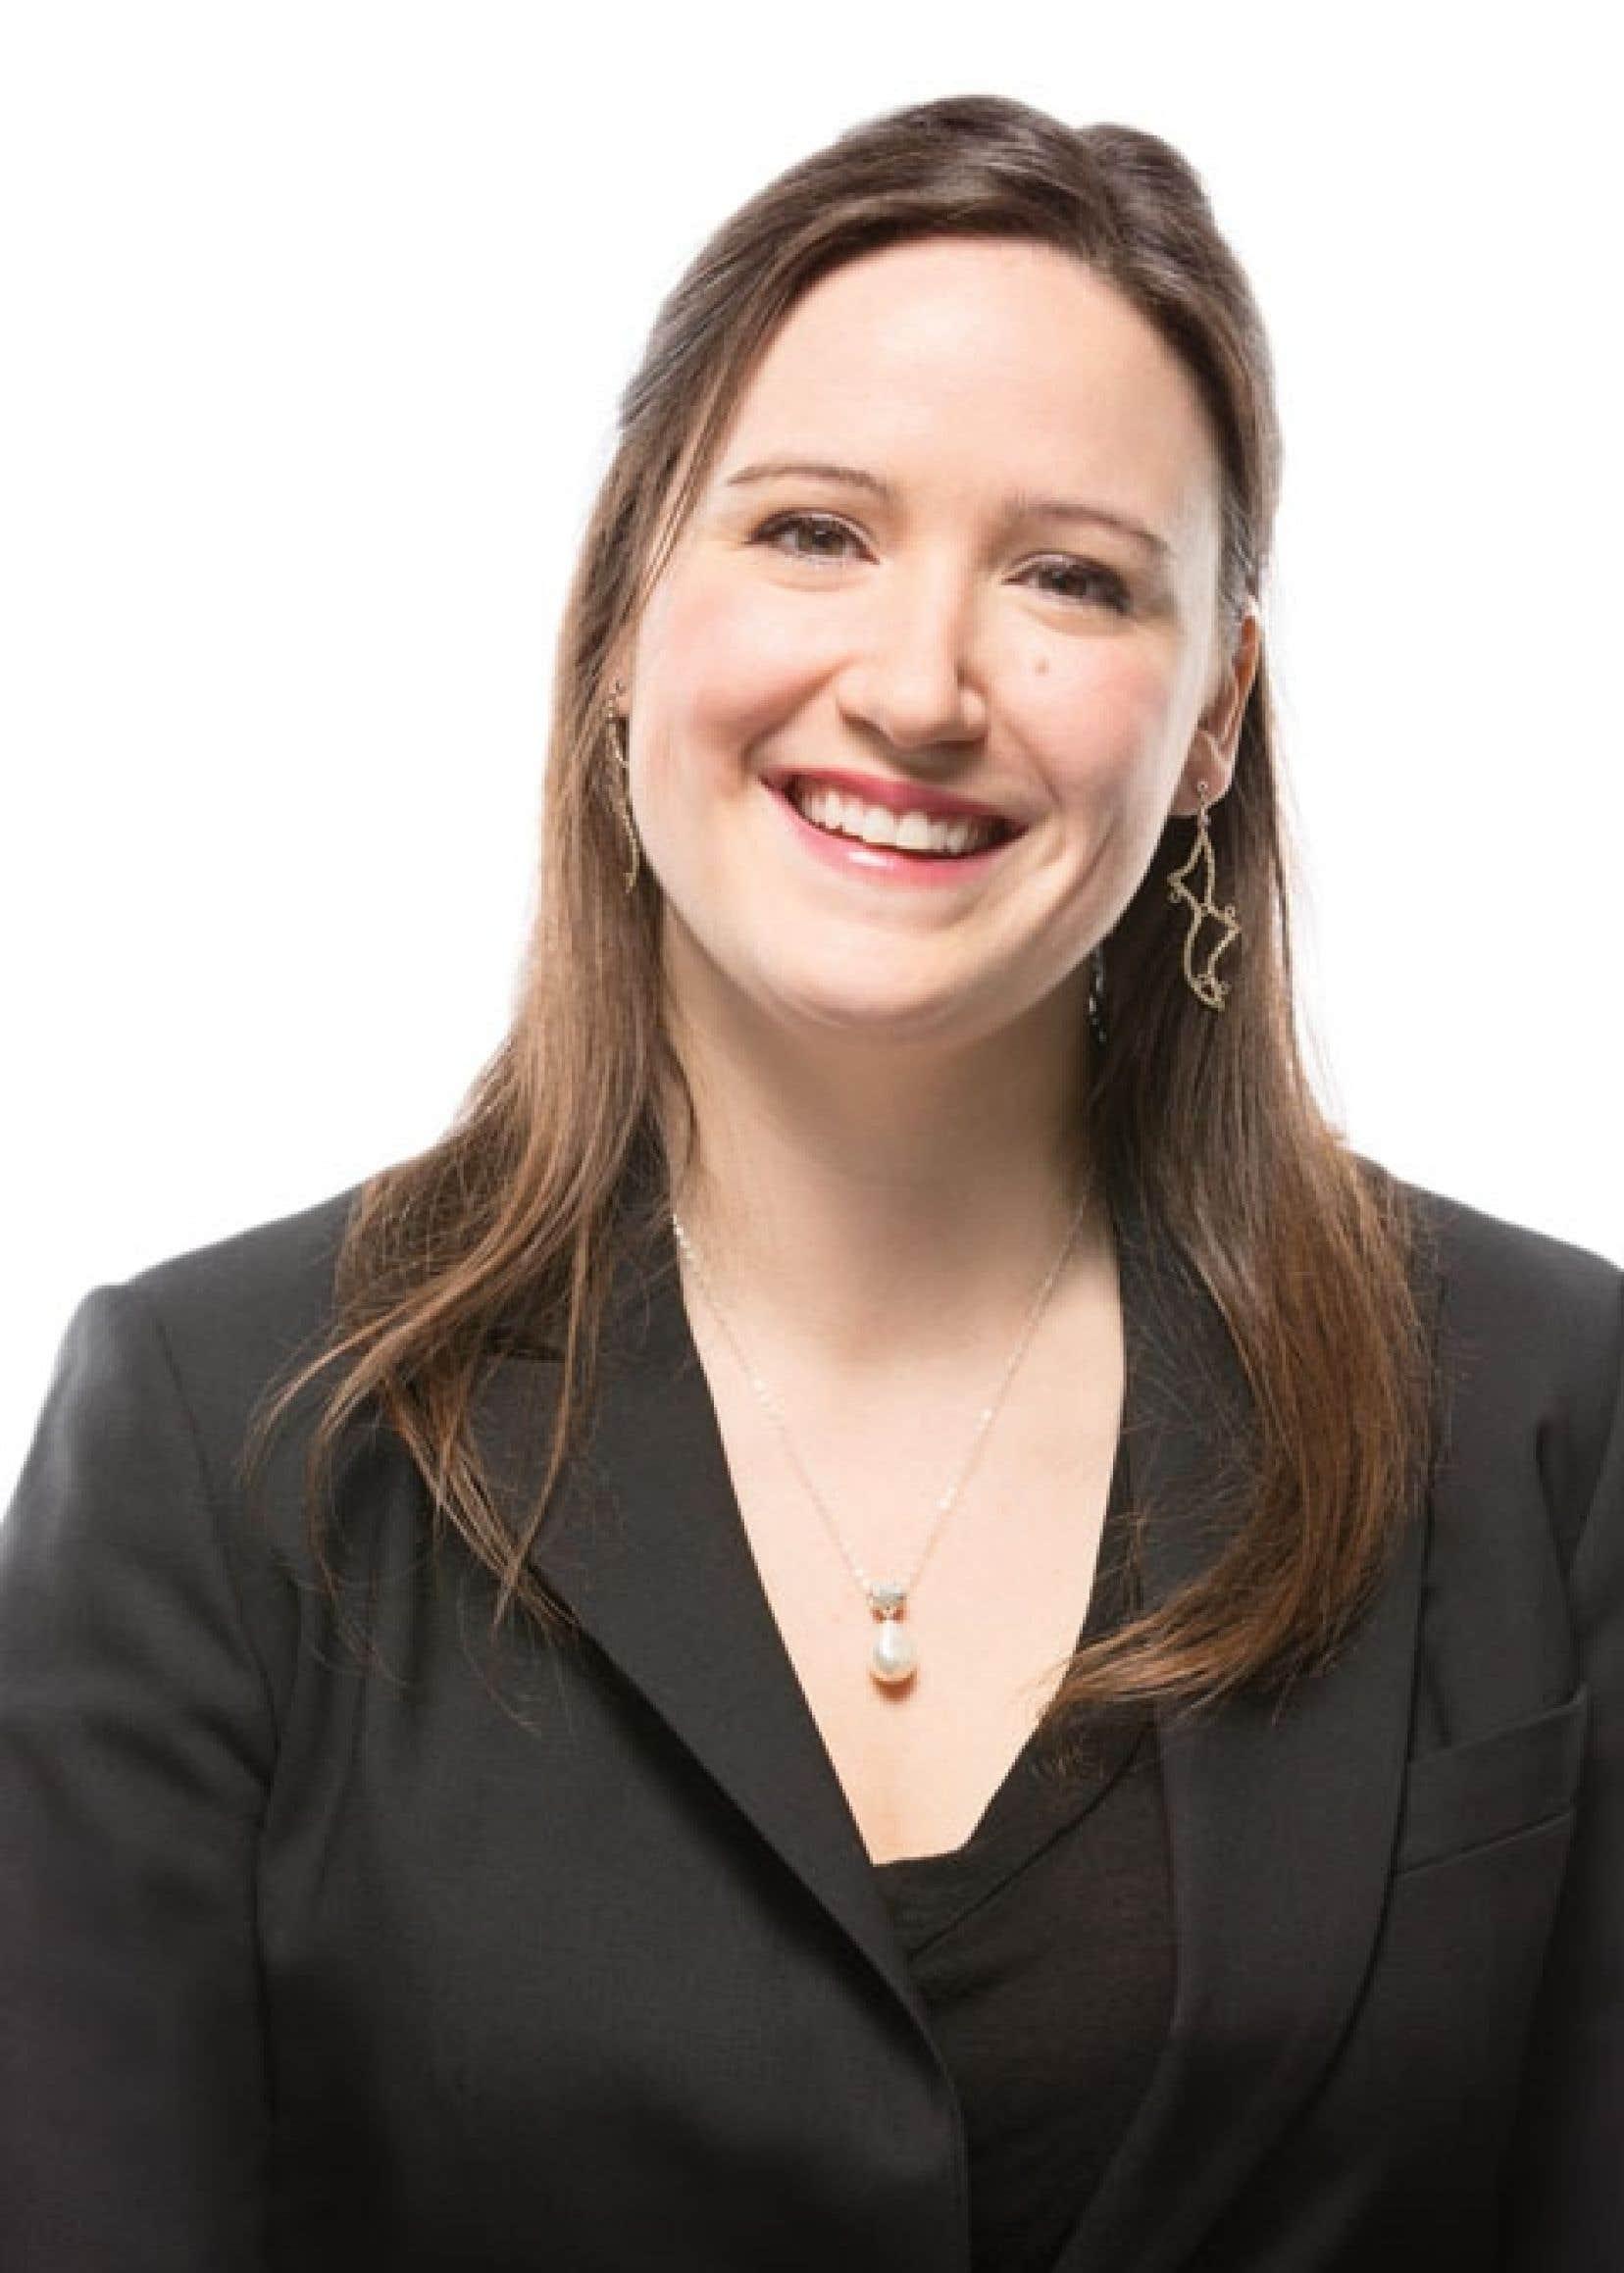 Chloé Fleurant, lauréate du prix Bénévole d'affaires